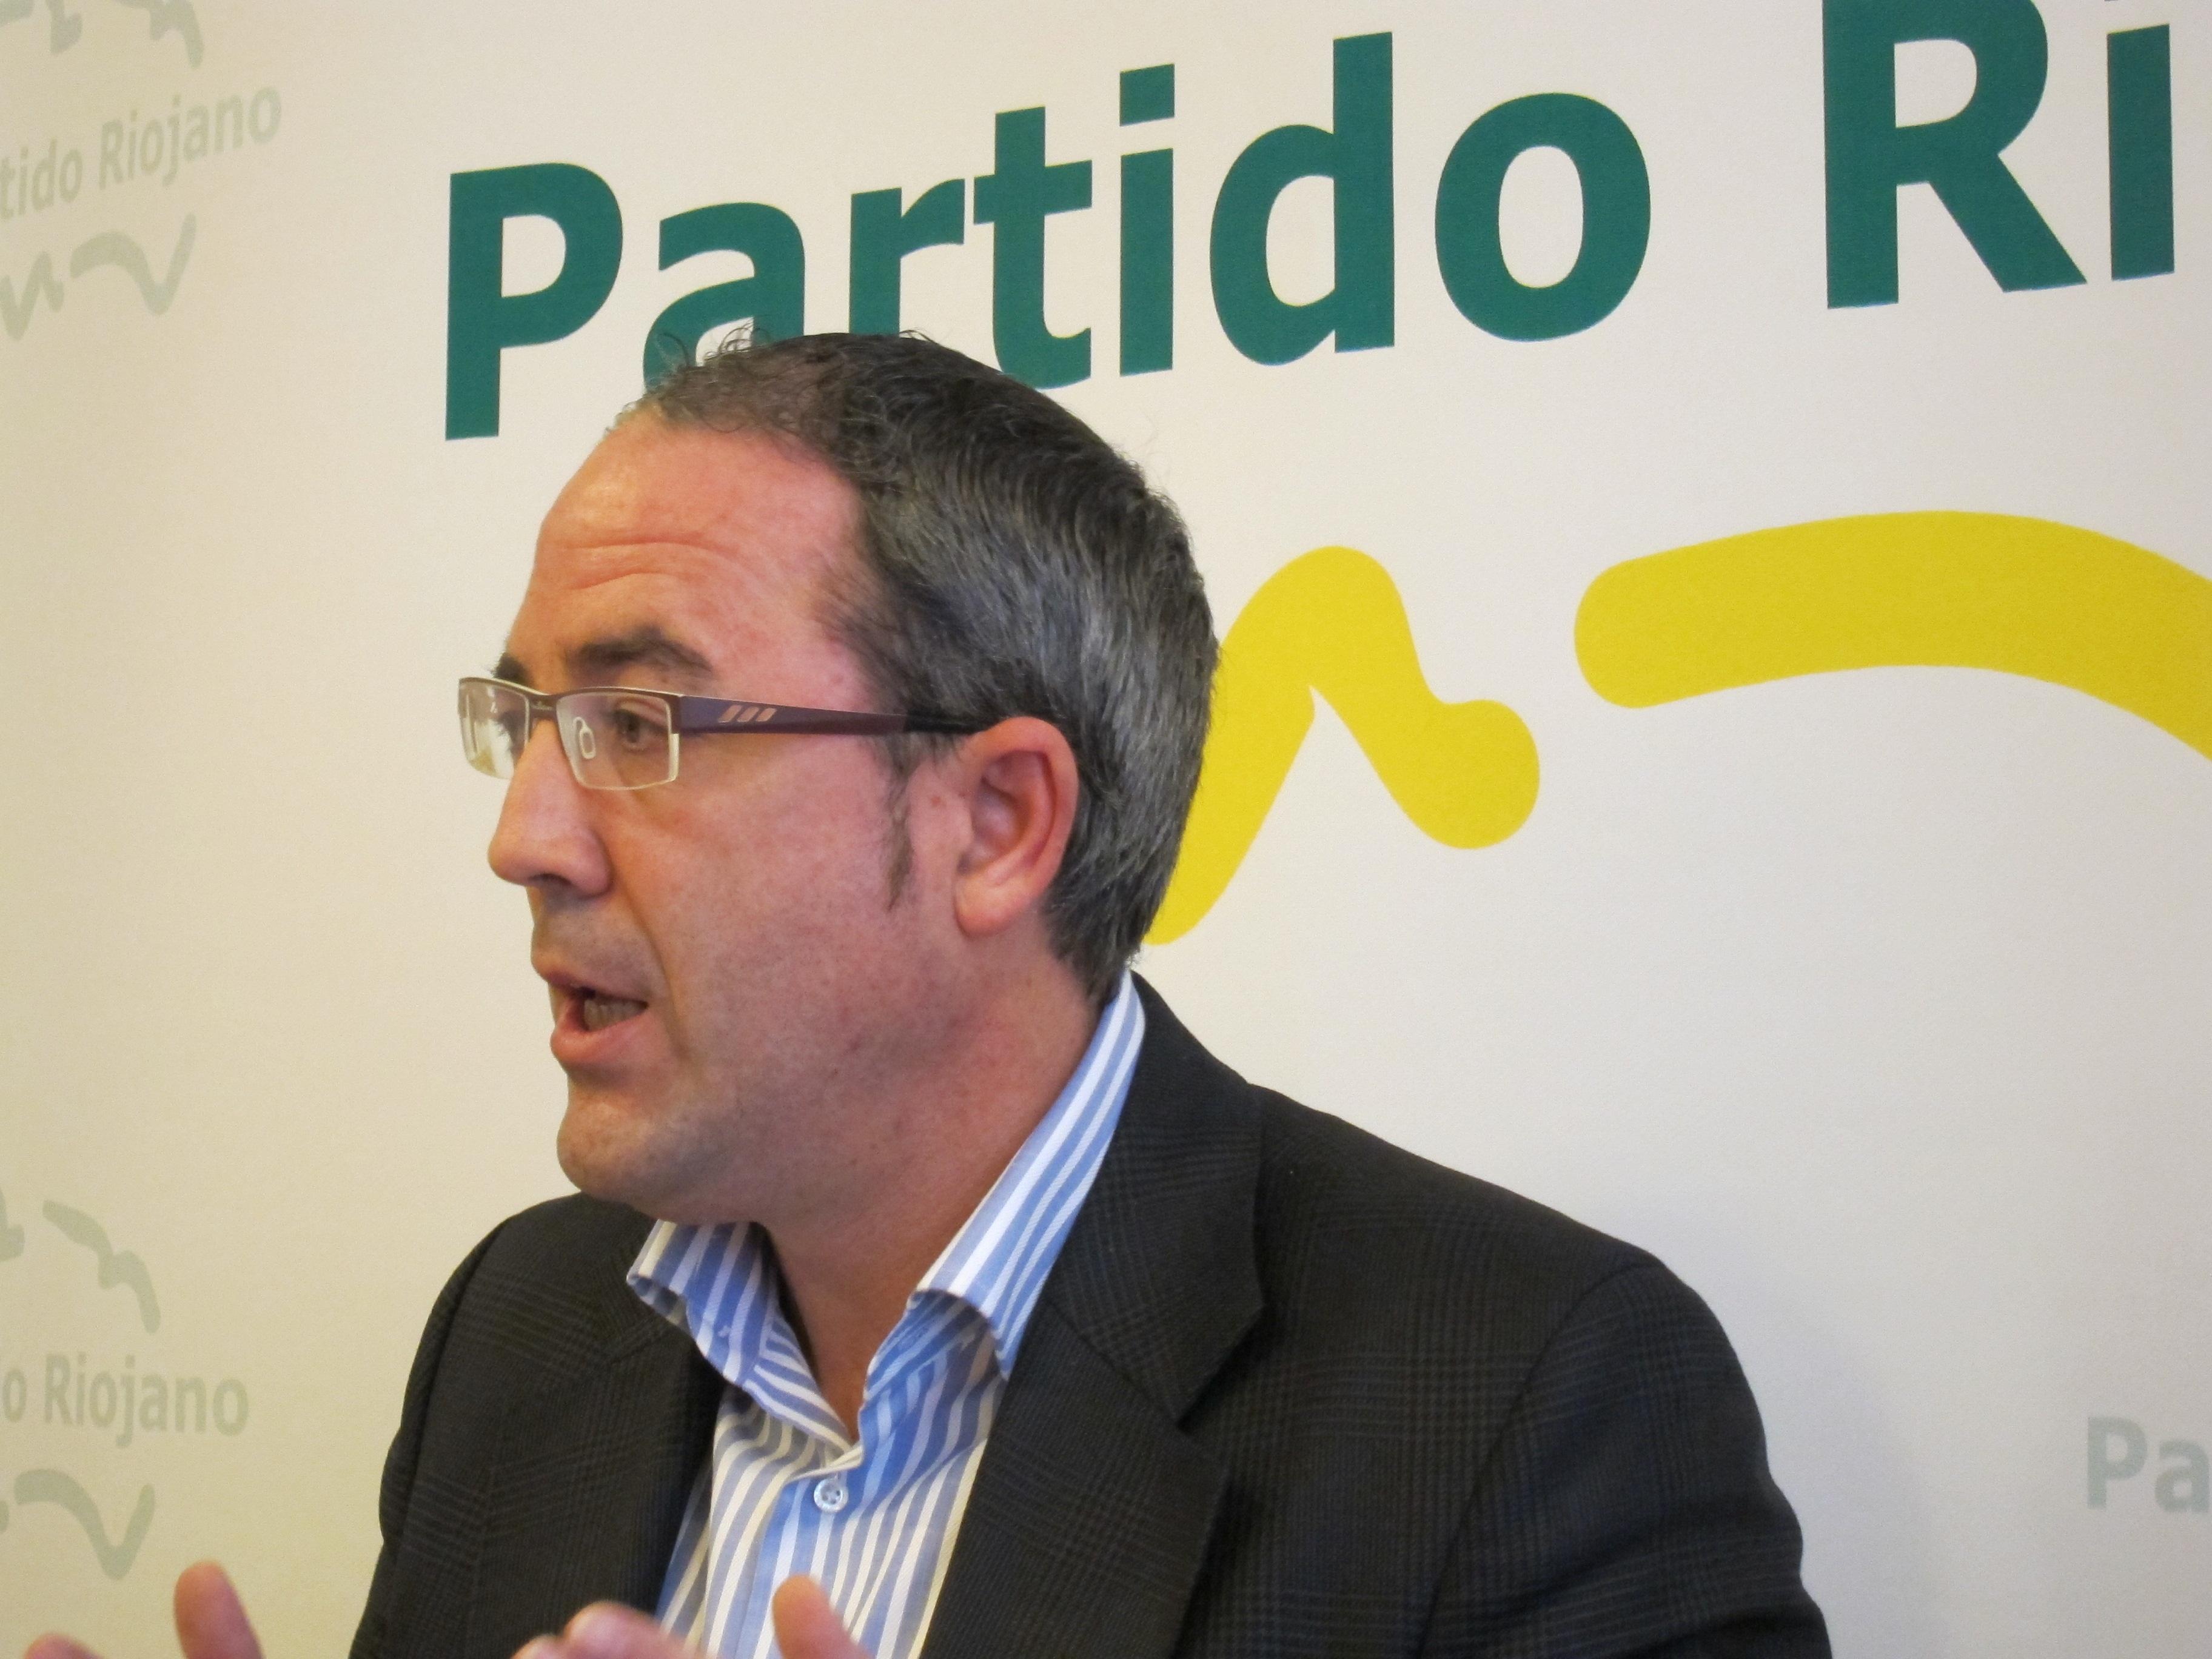 PR+ desvela que el Gobierno riojano «solo» lleva ejecutadas un 3,8% de las inversiones previstas